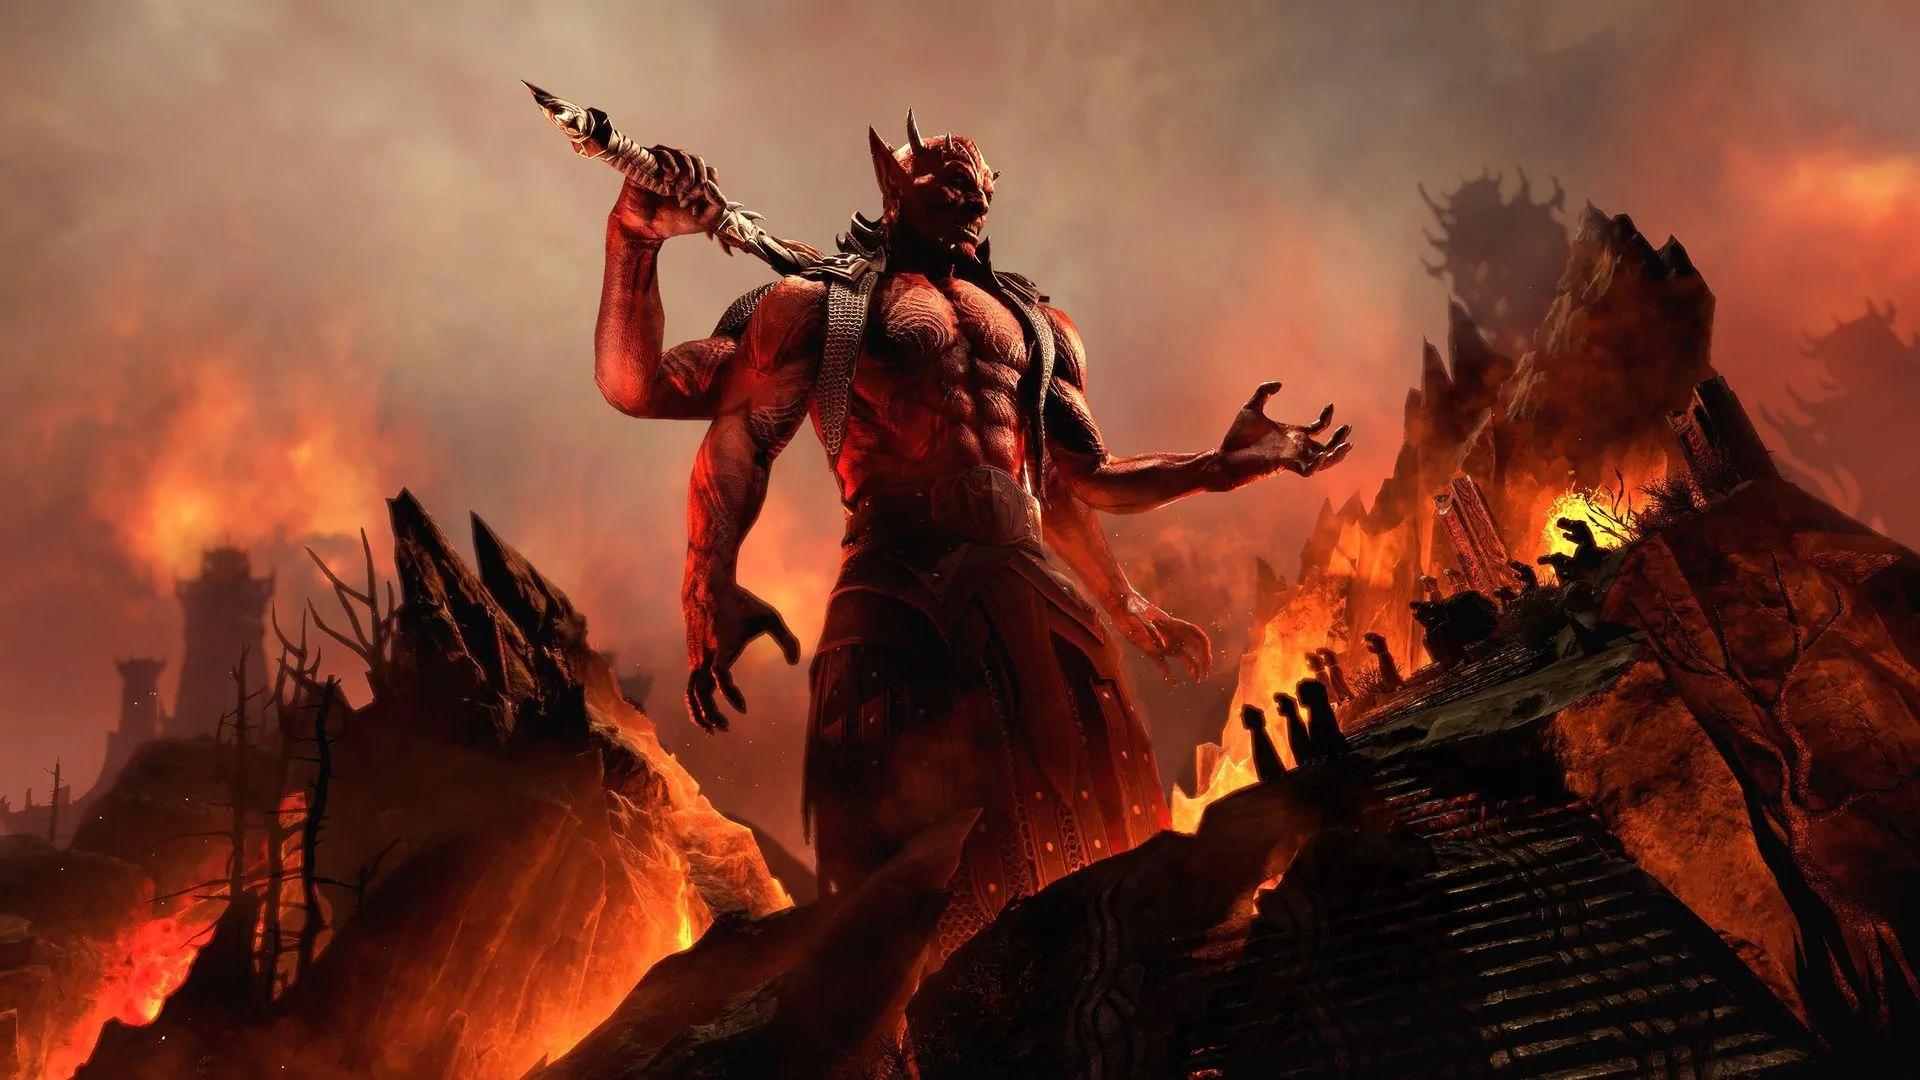 Blackwood Is the New Chapter of Elder Scrolls Online, Featuring Oblivion's Mehrunes  Dagon